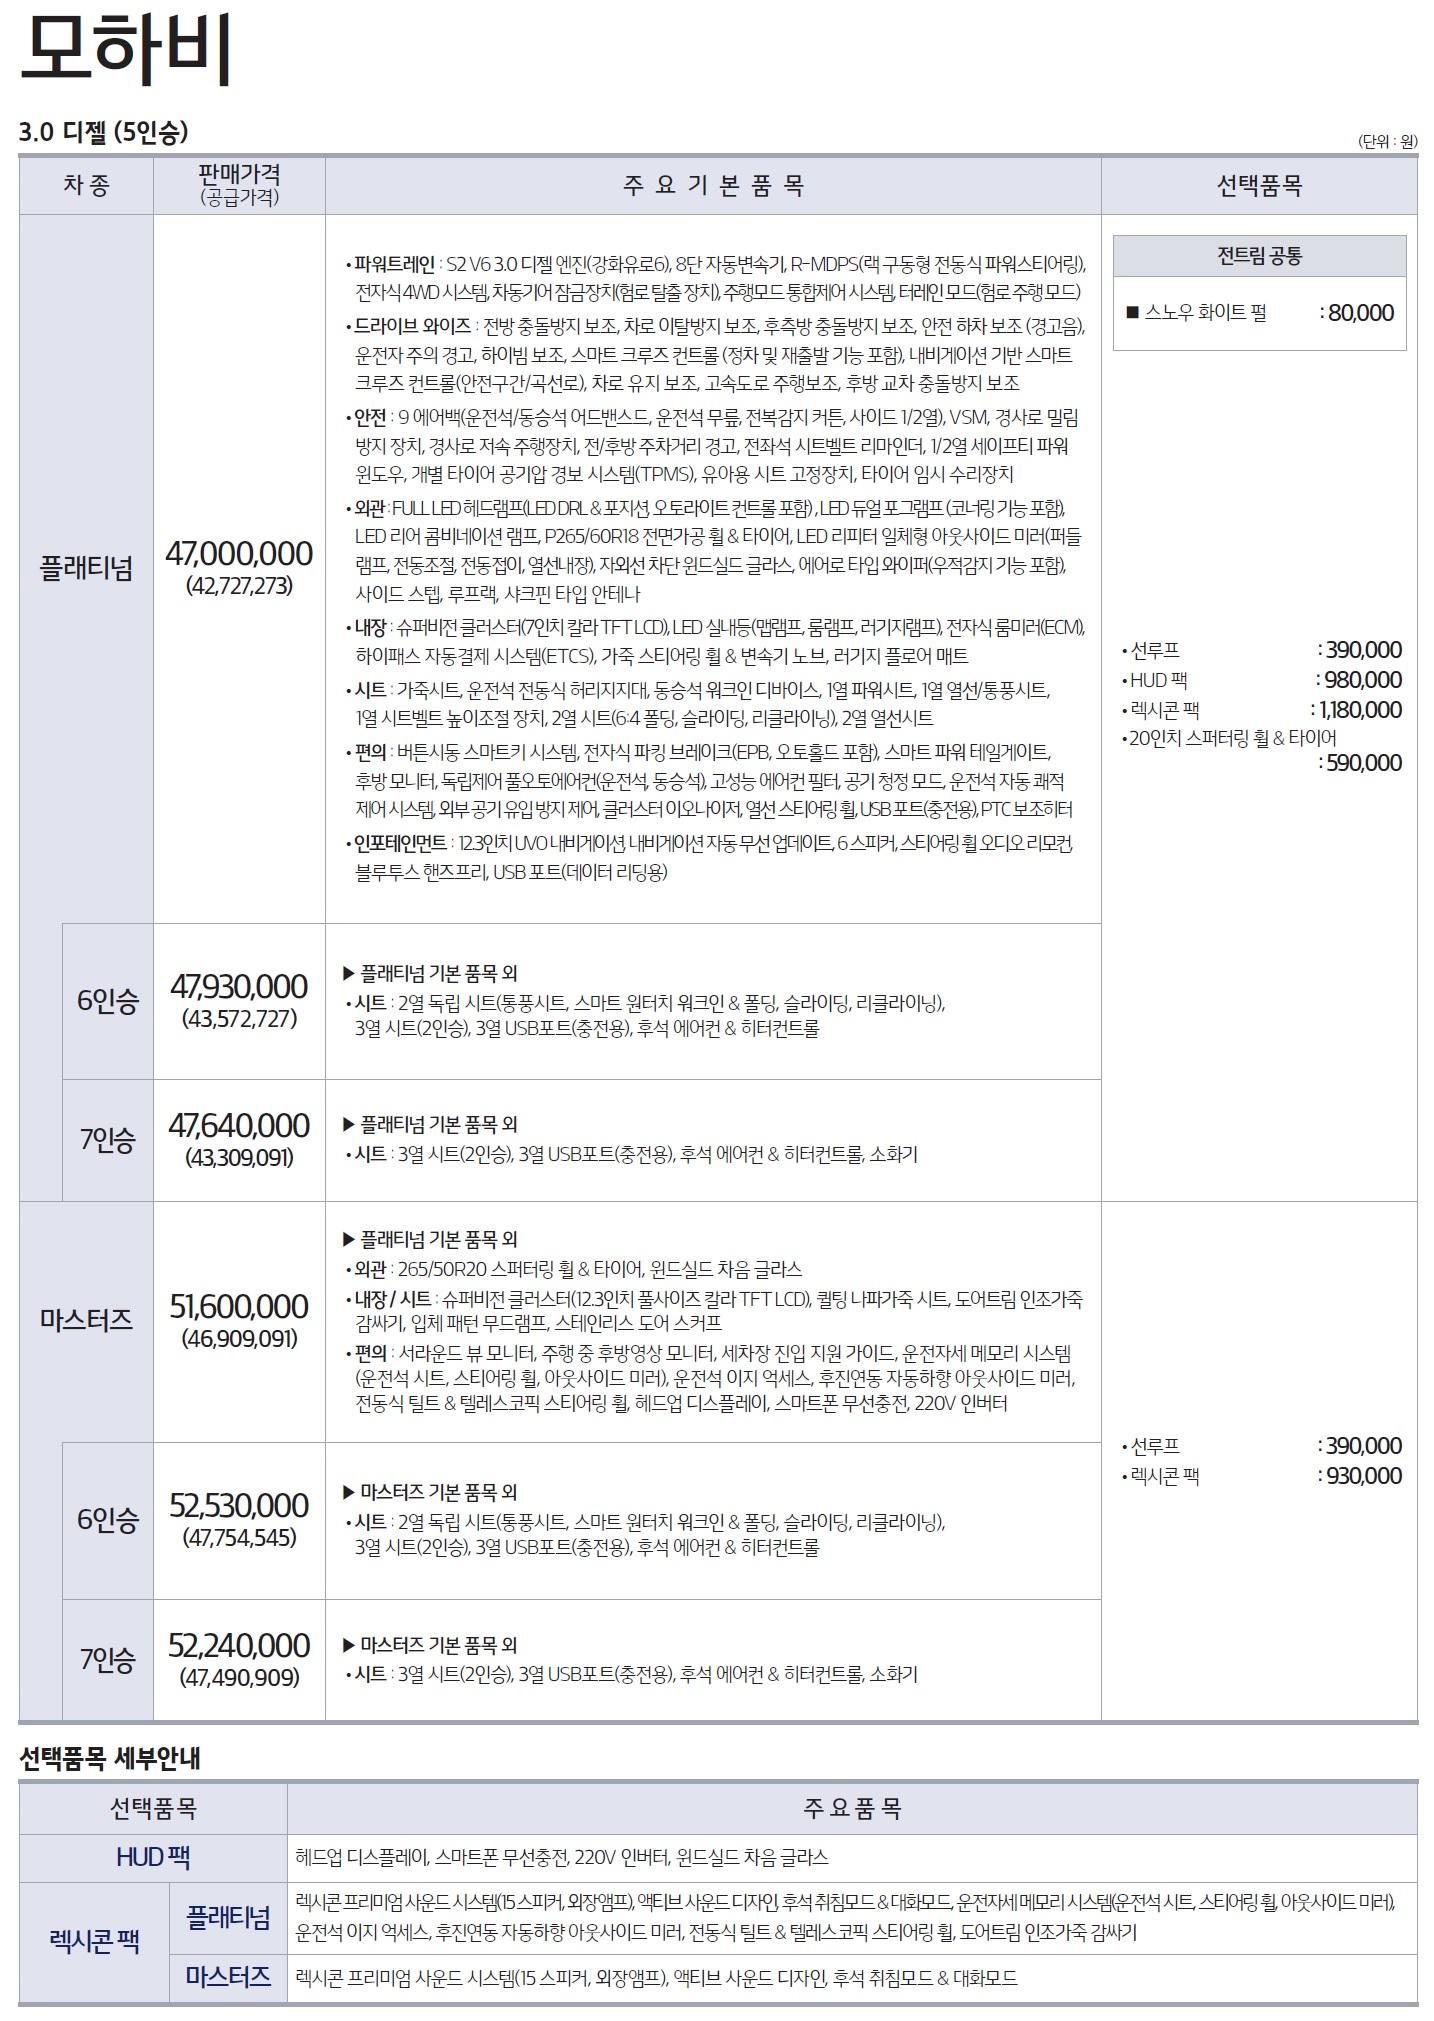 모하비 가격표 - 2019년 09월 -1.jpg